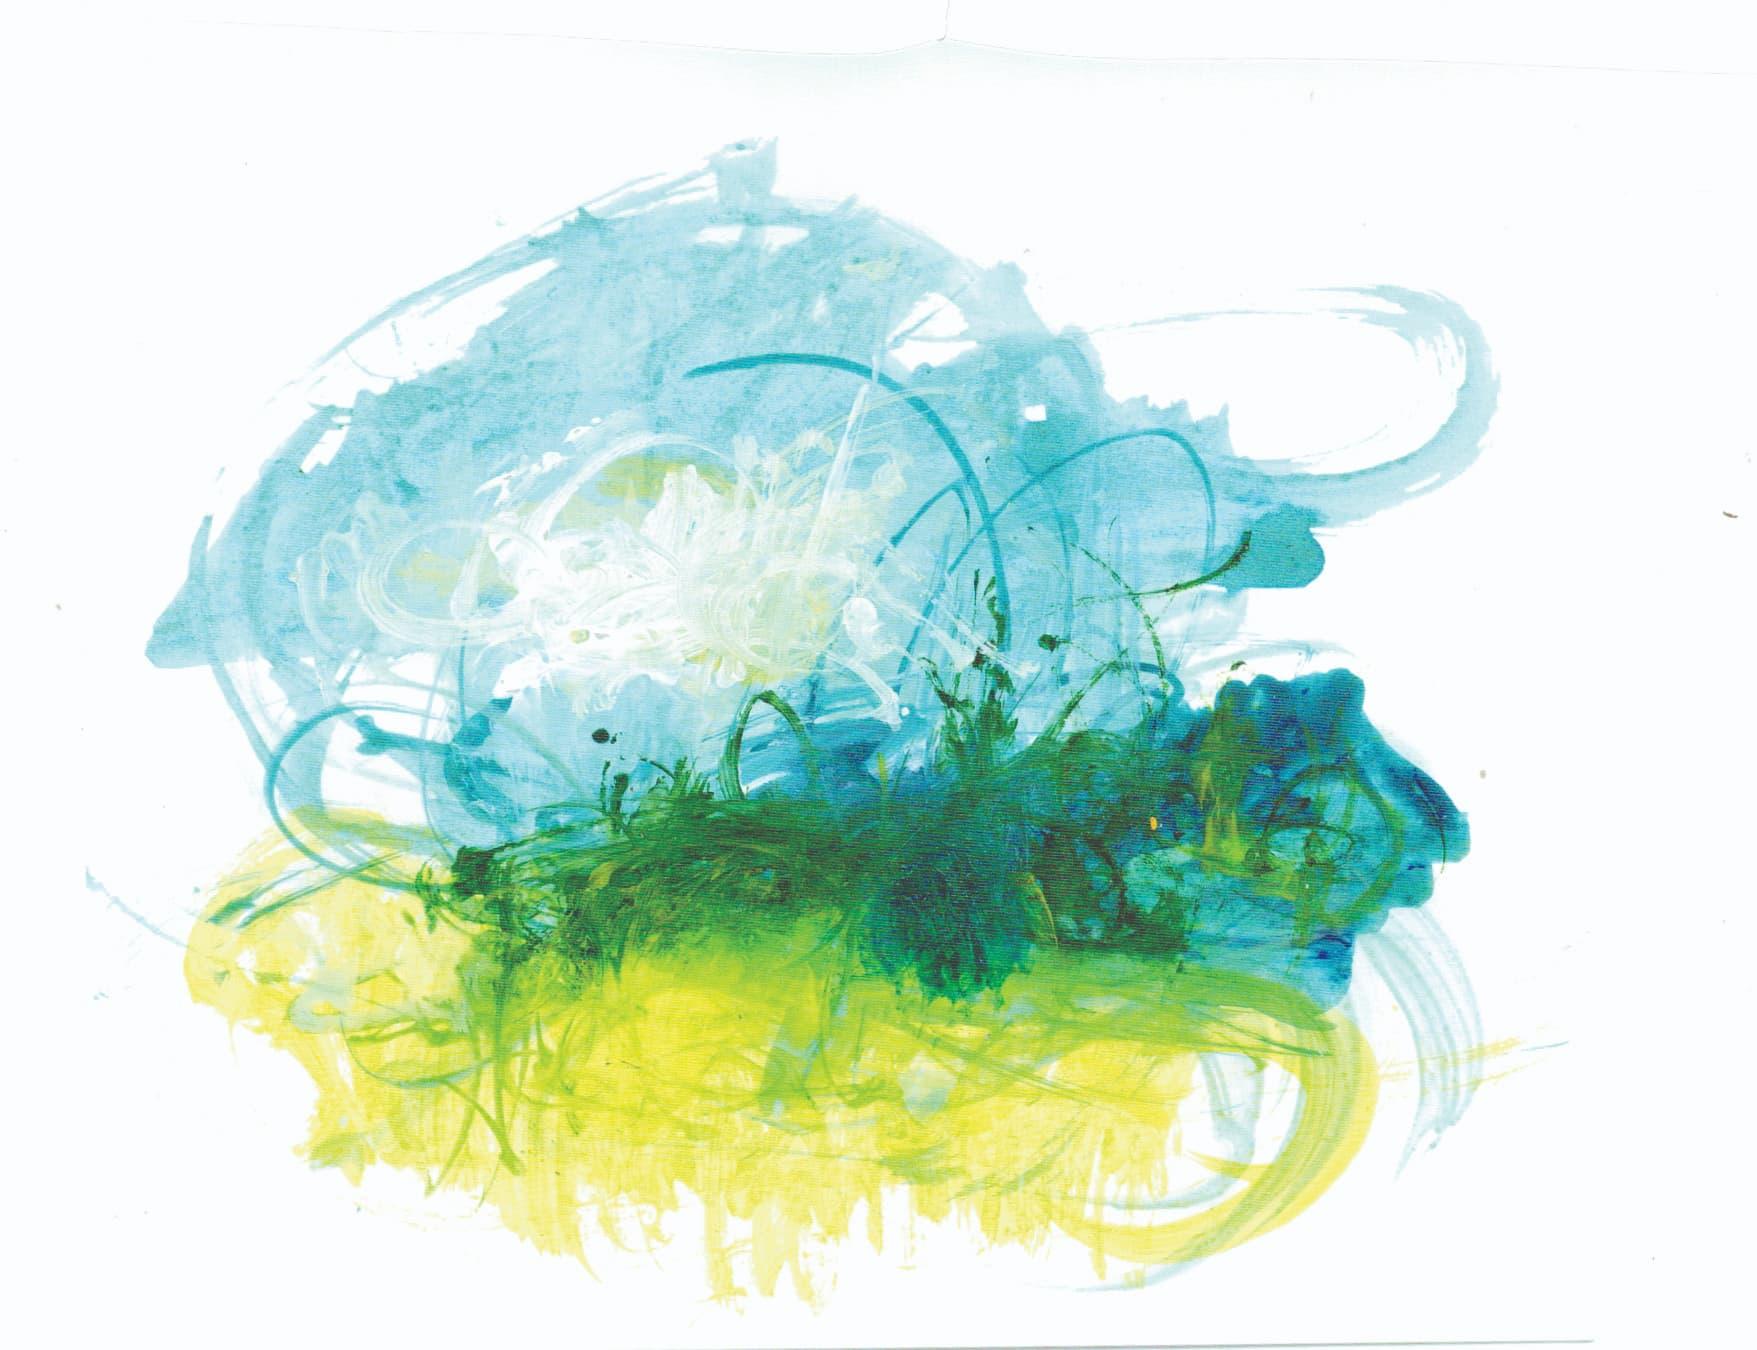 Artista plástico Túlio Fagim retrata o trajeto da água da chuva em ensaio